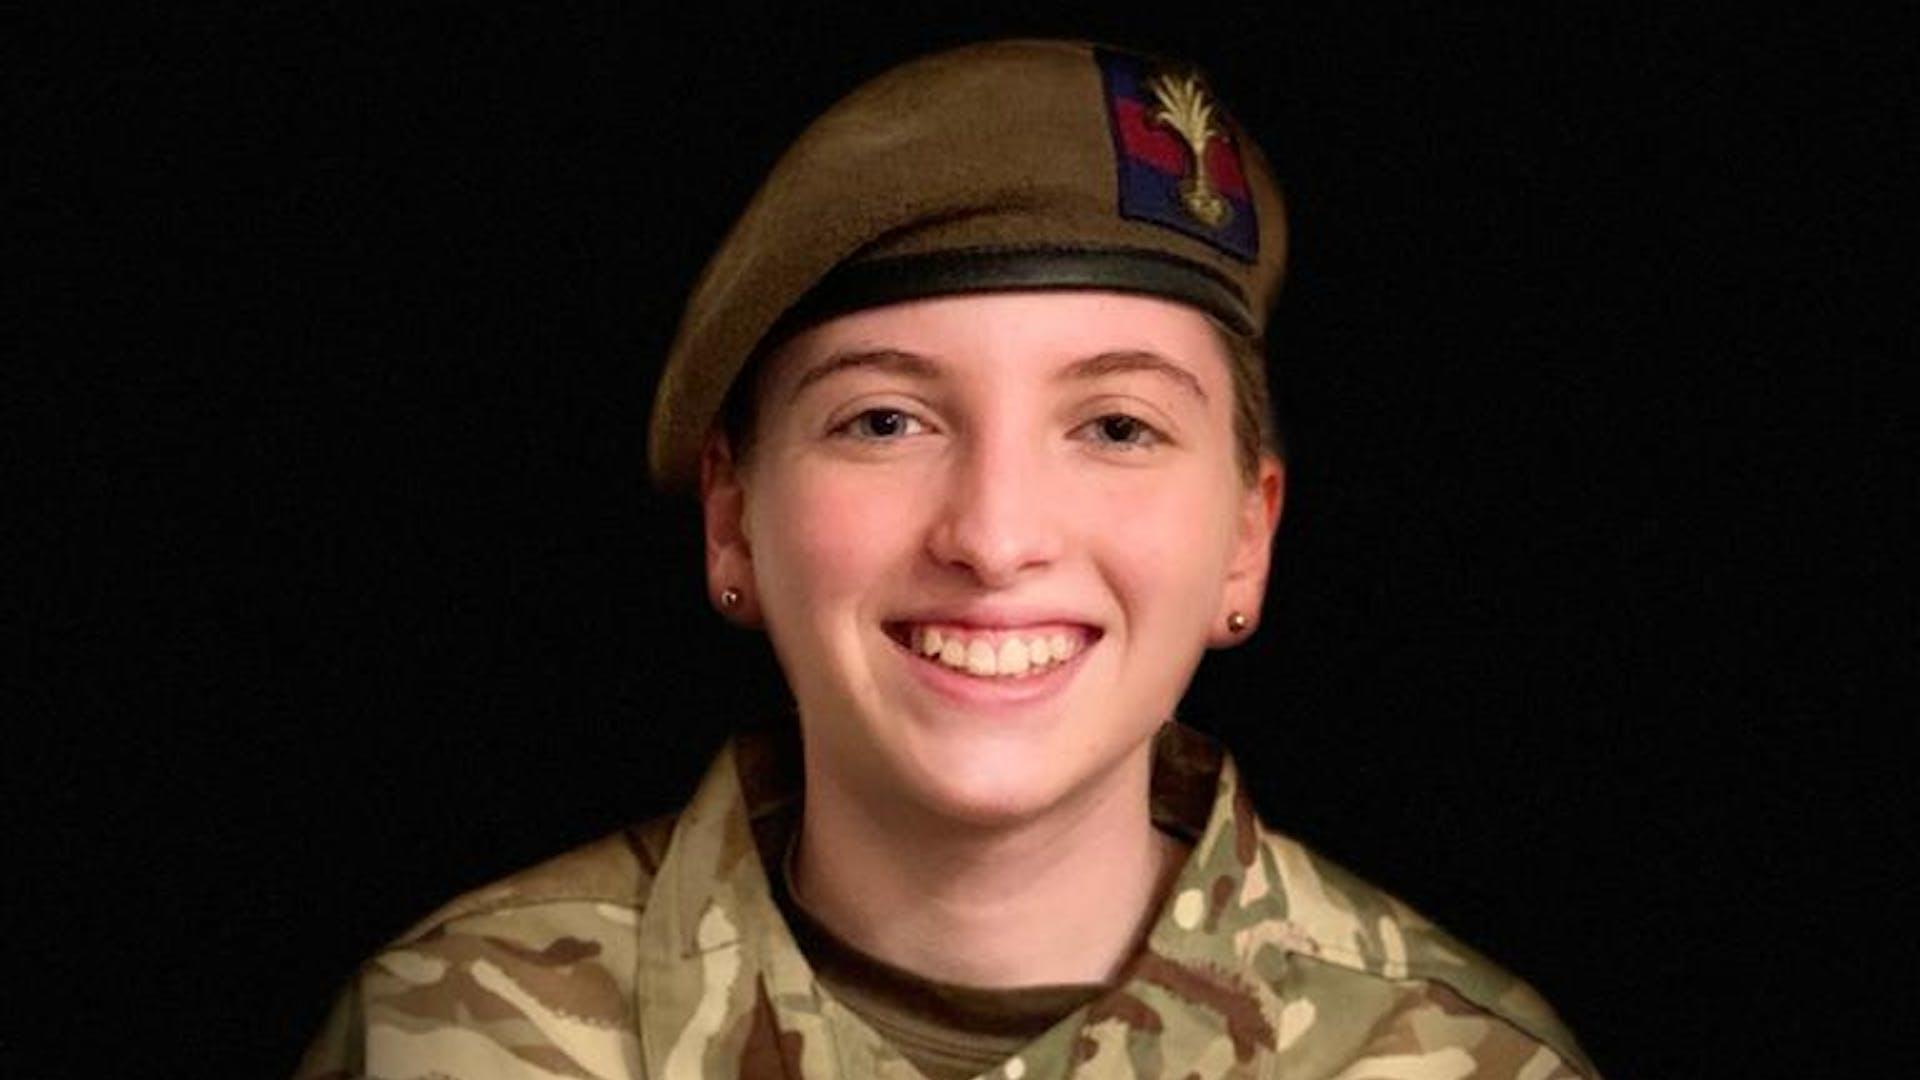 Staff Cadet Sergeant Zoe Brown